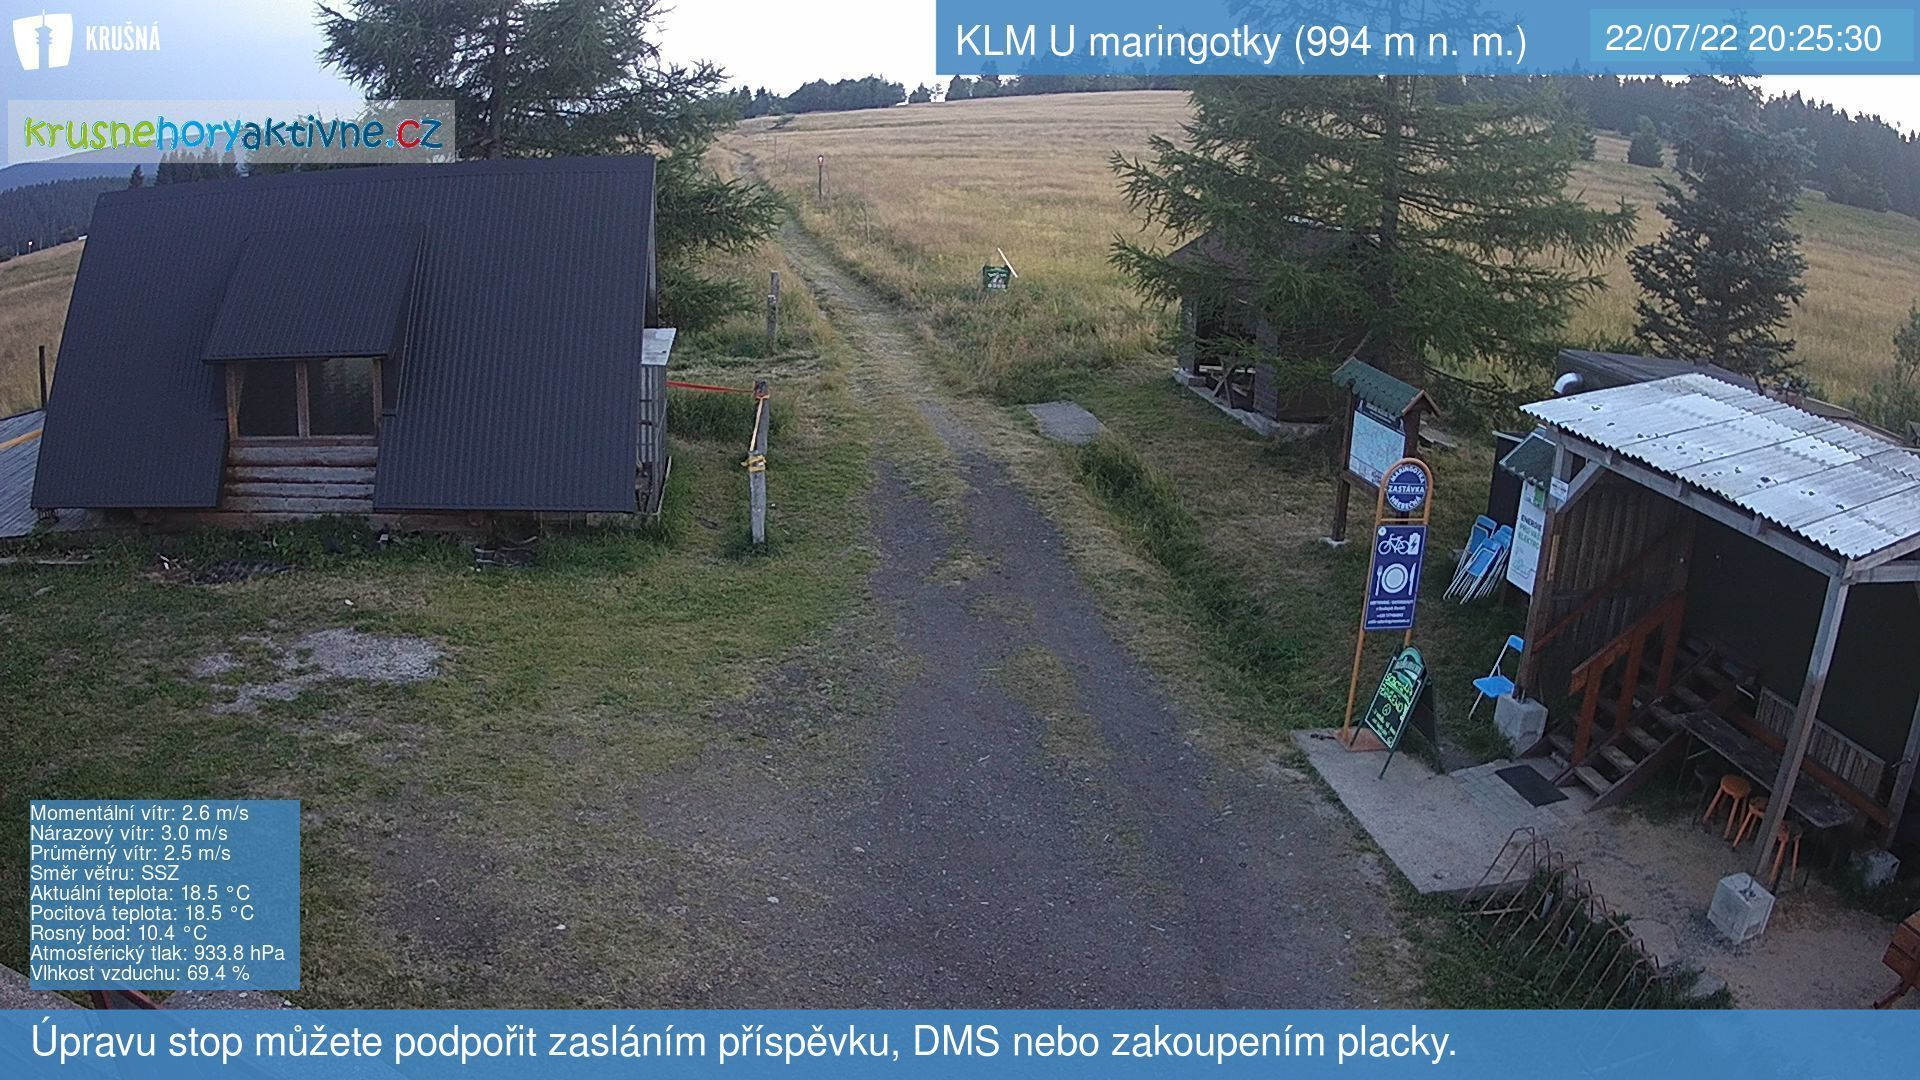 webkamera U Maringotky